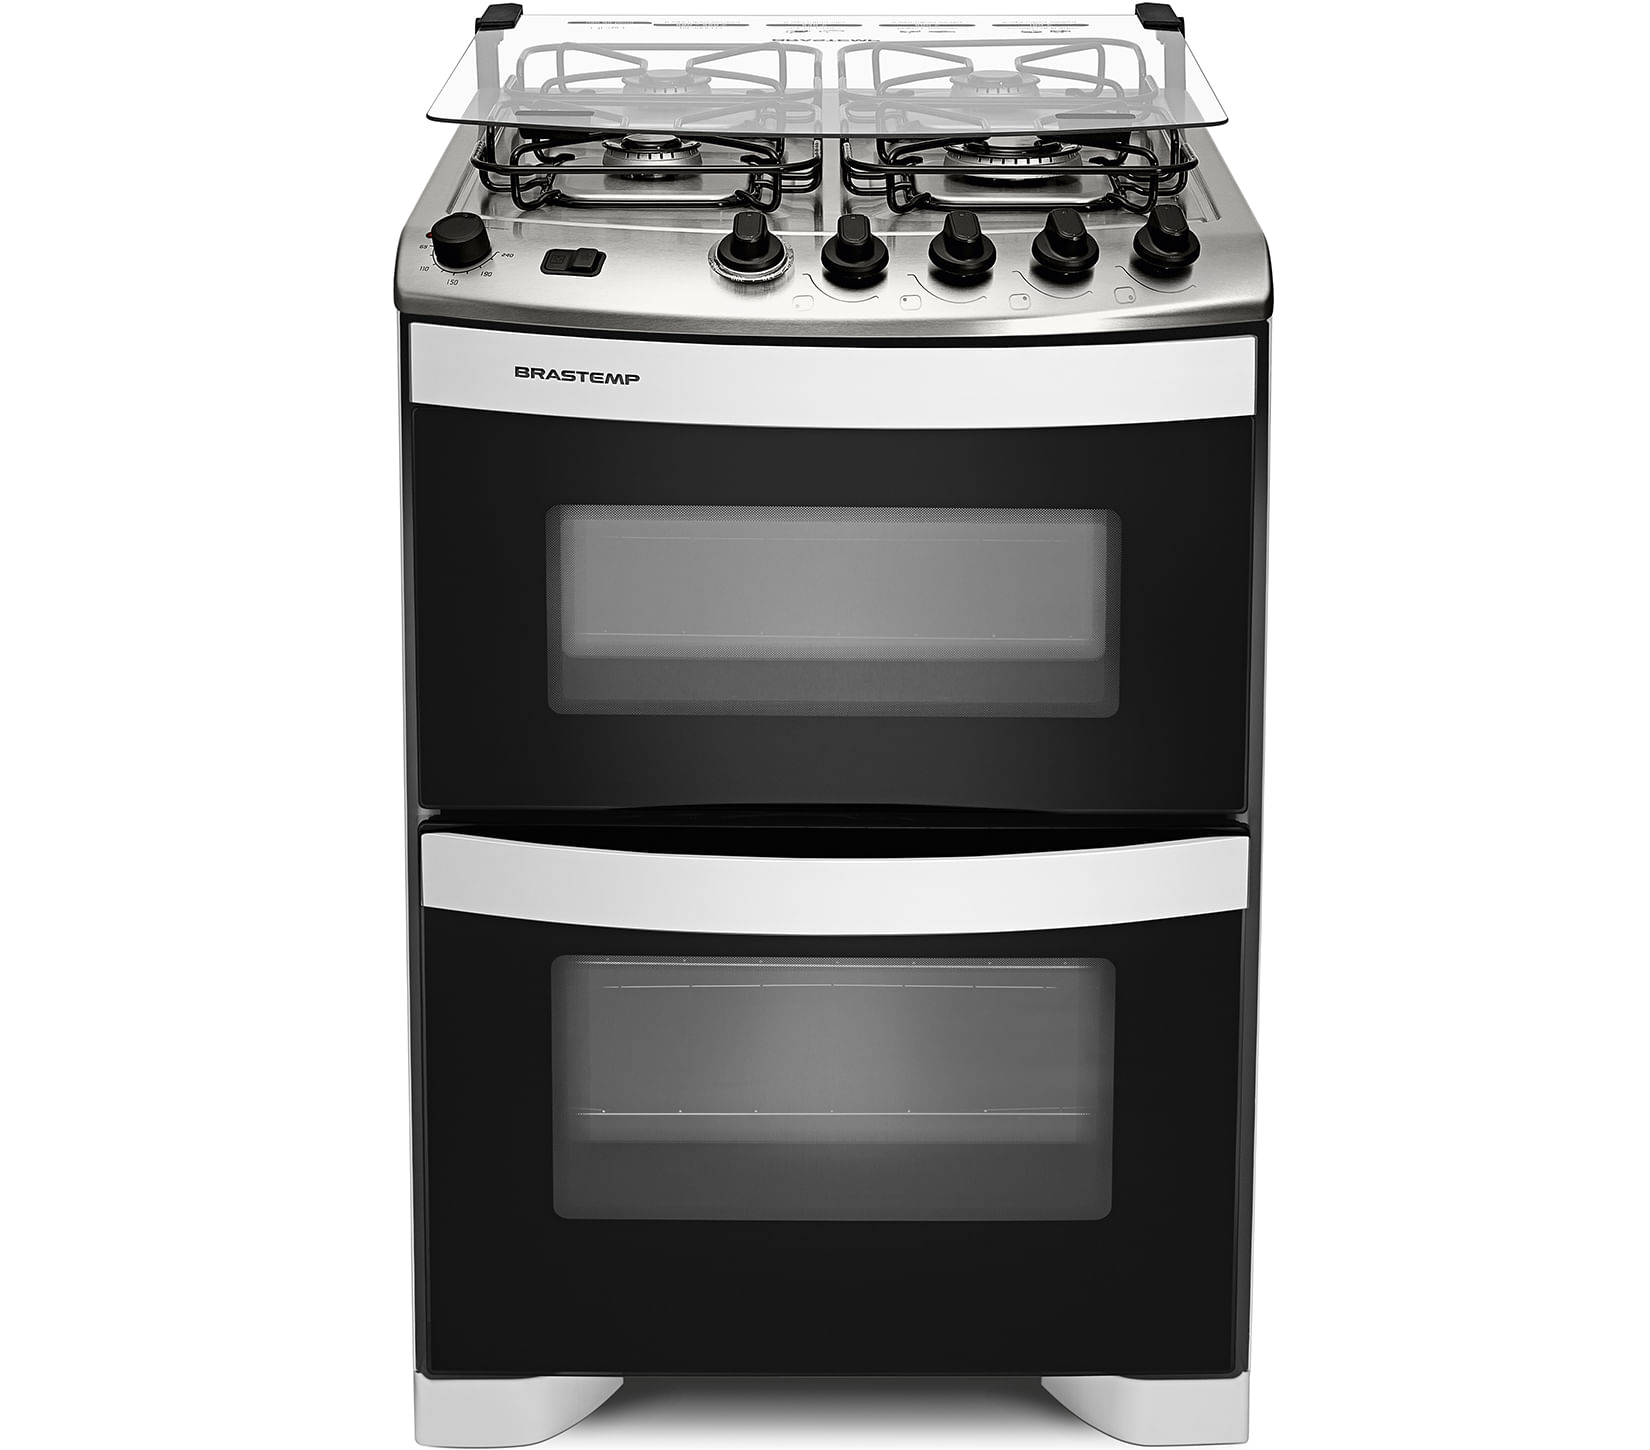 Fogão Brastemp 4 bocas duplo forno Branco com botões removíveis